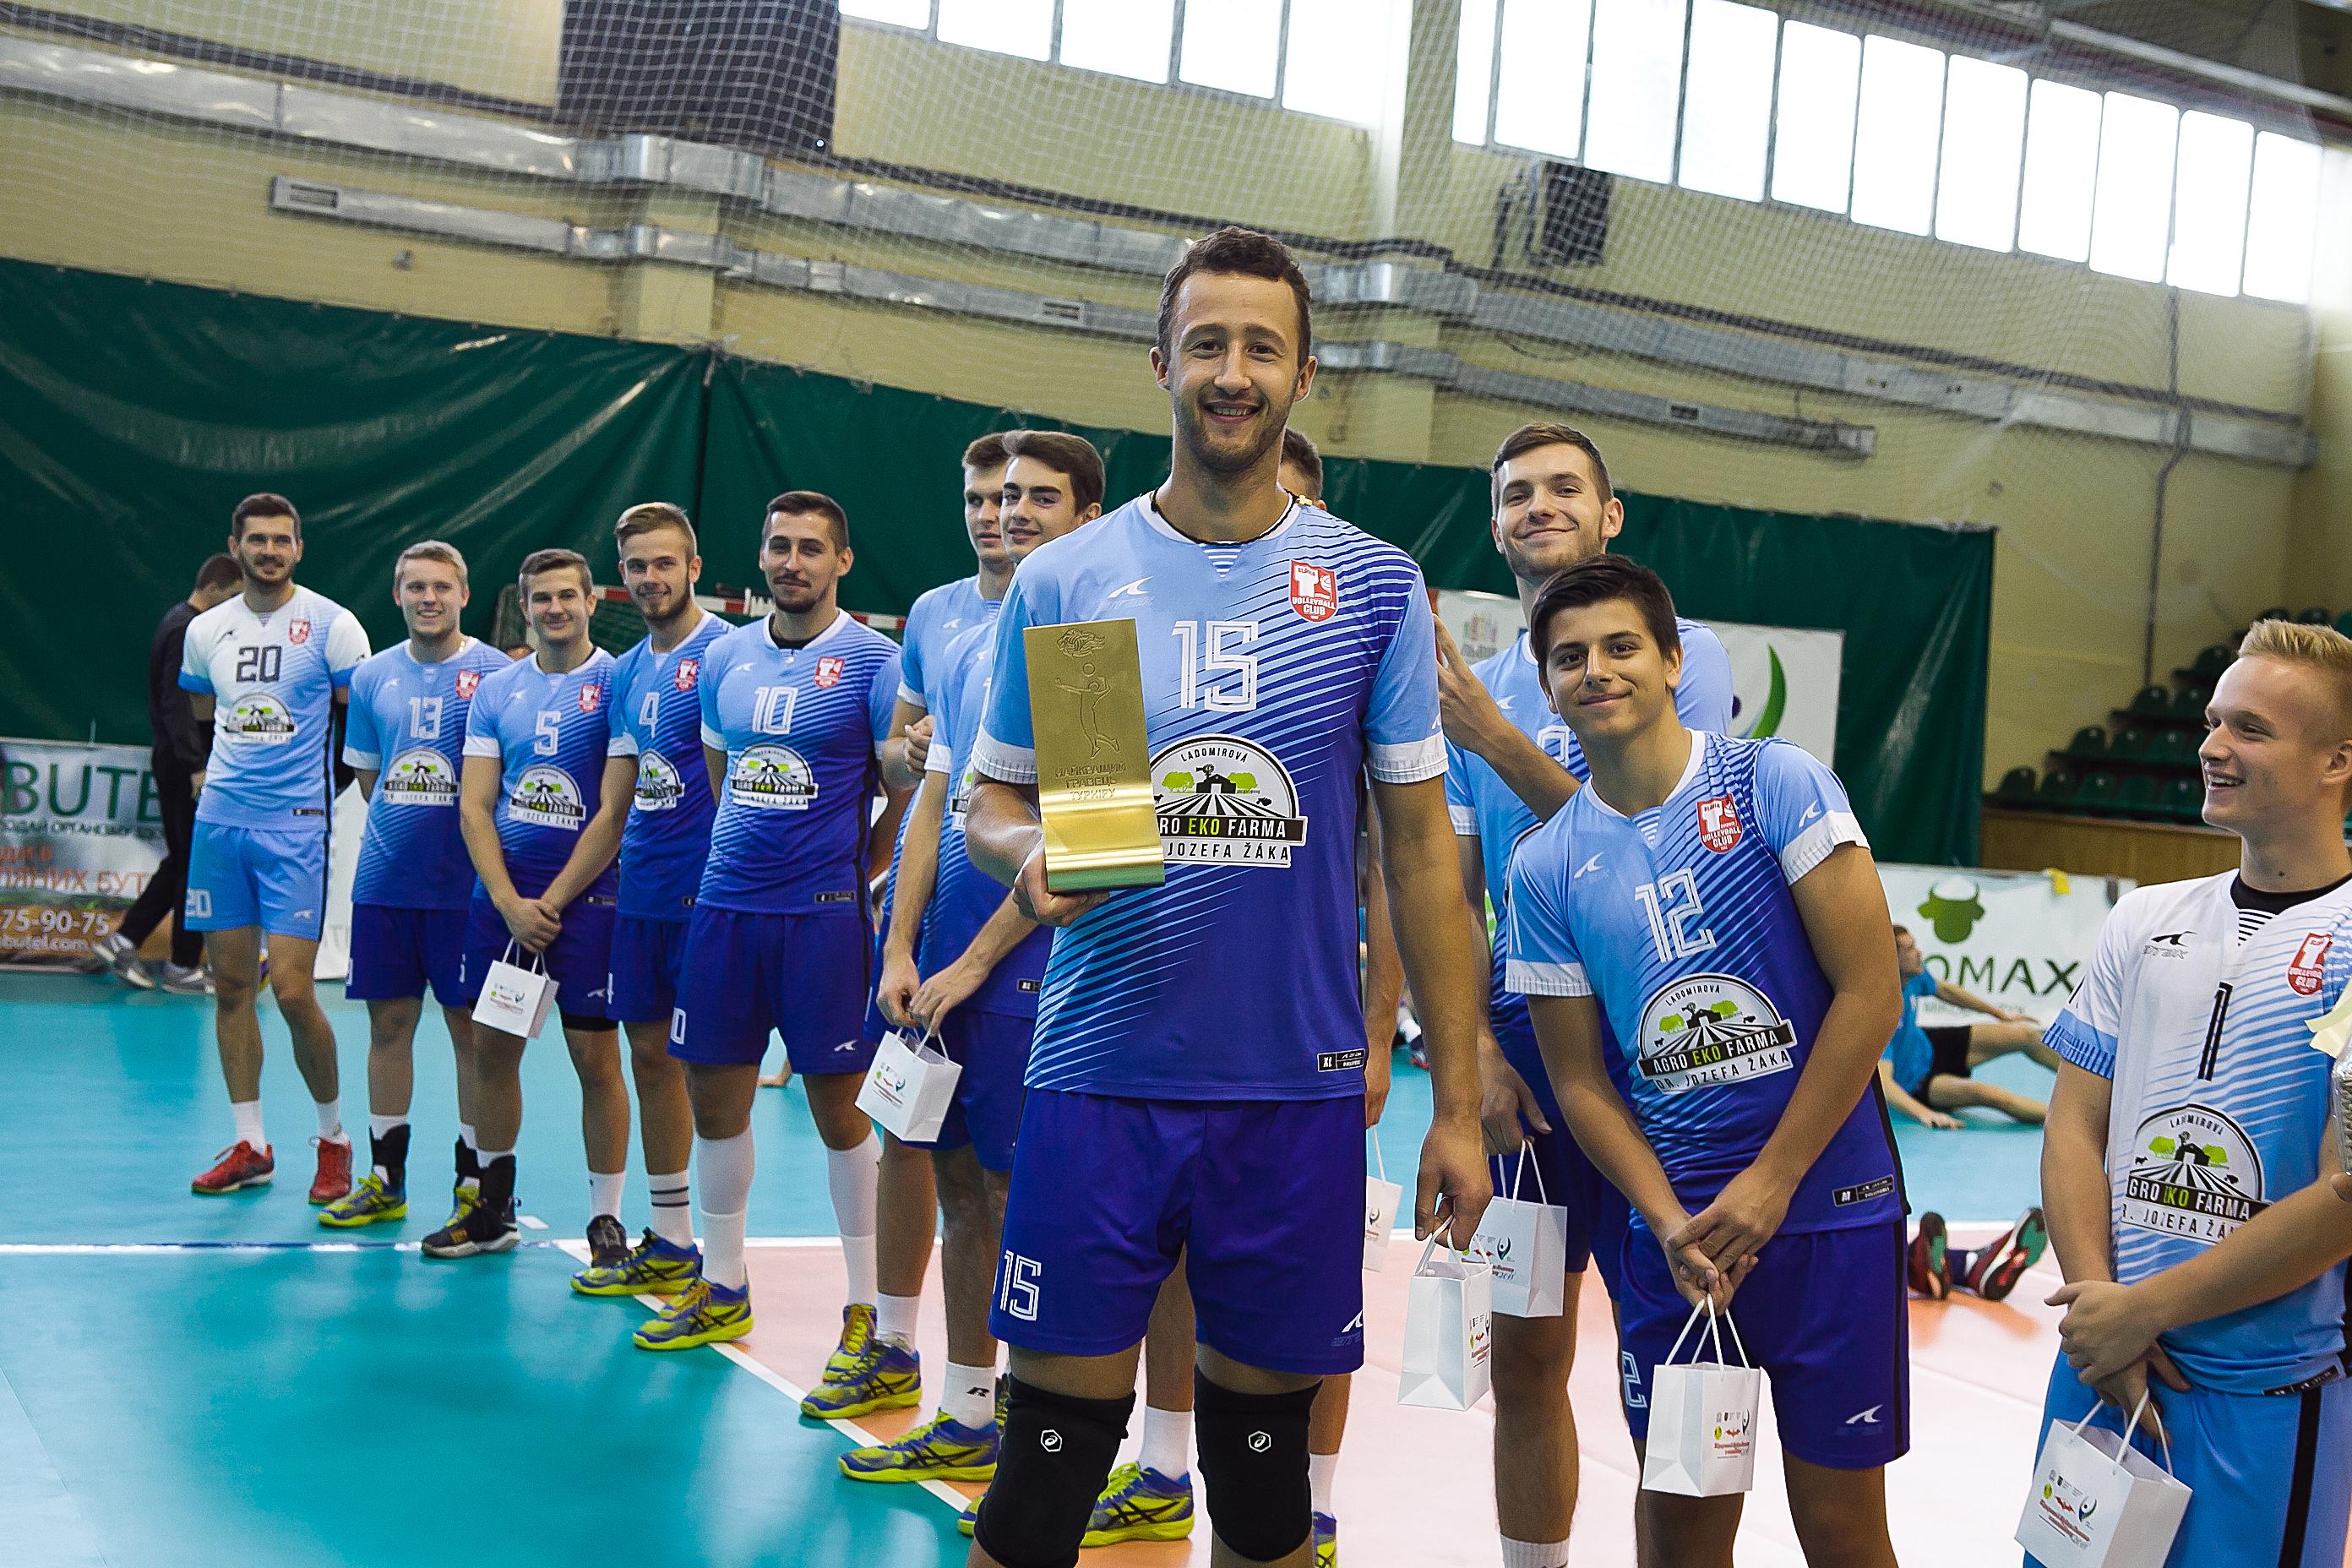 Відкритий Кубок Львова з волейболу 2018. ФОТОЗВІТ - 79